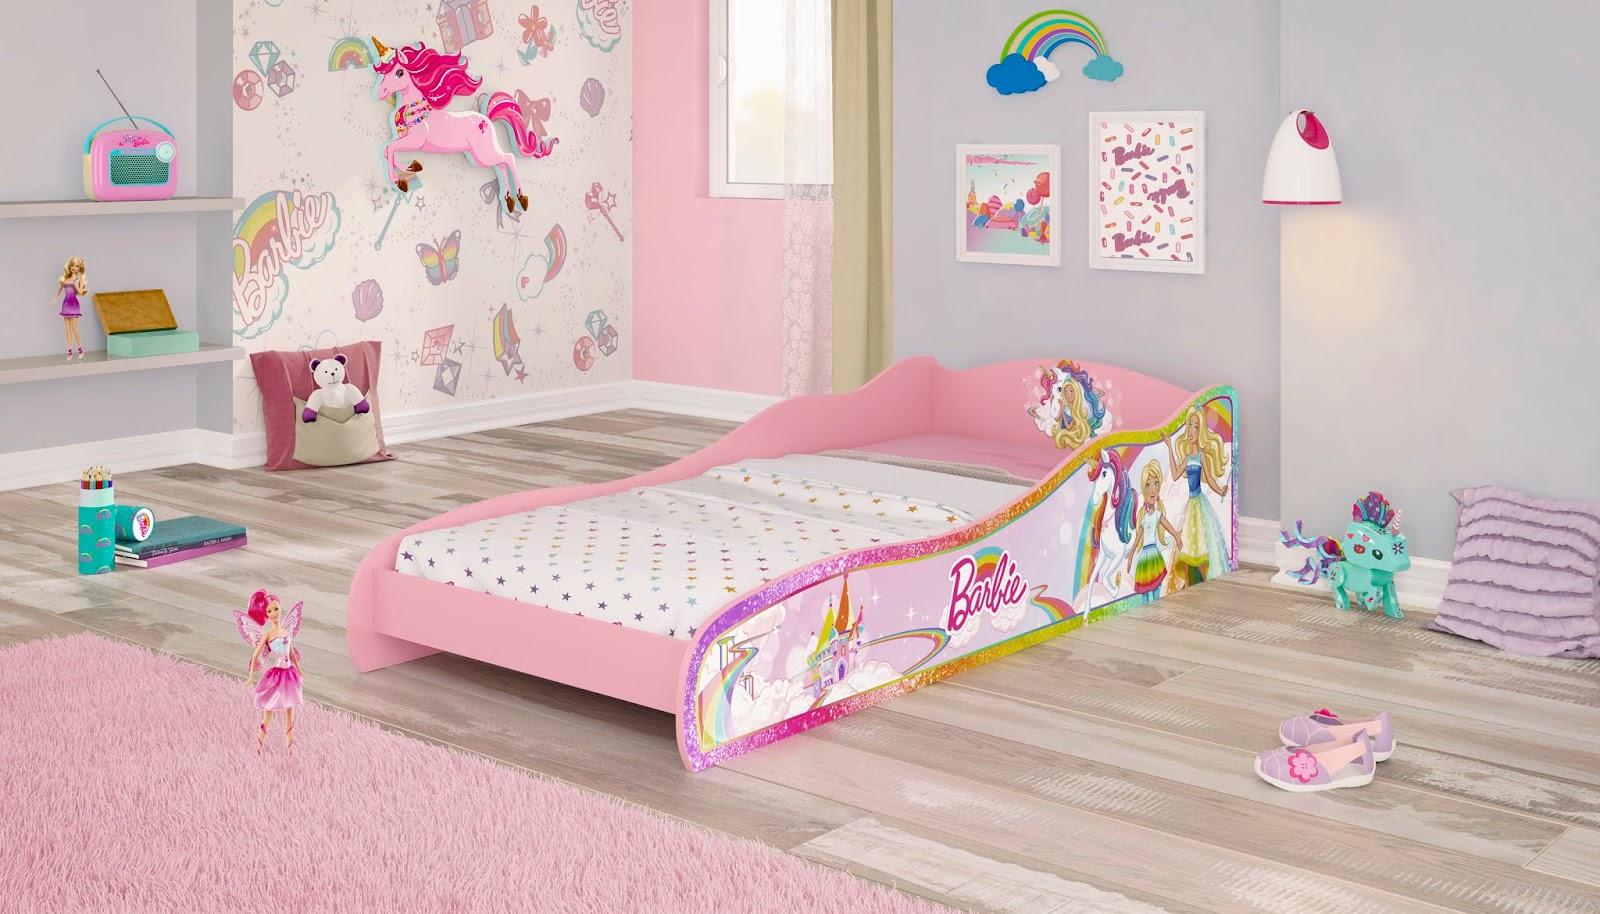 decorando o quarto dos sonhos da sua criança ariane baldassin